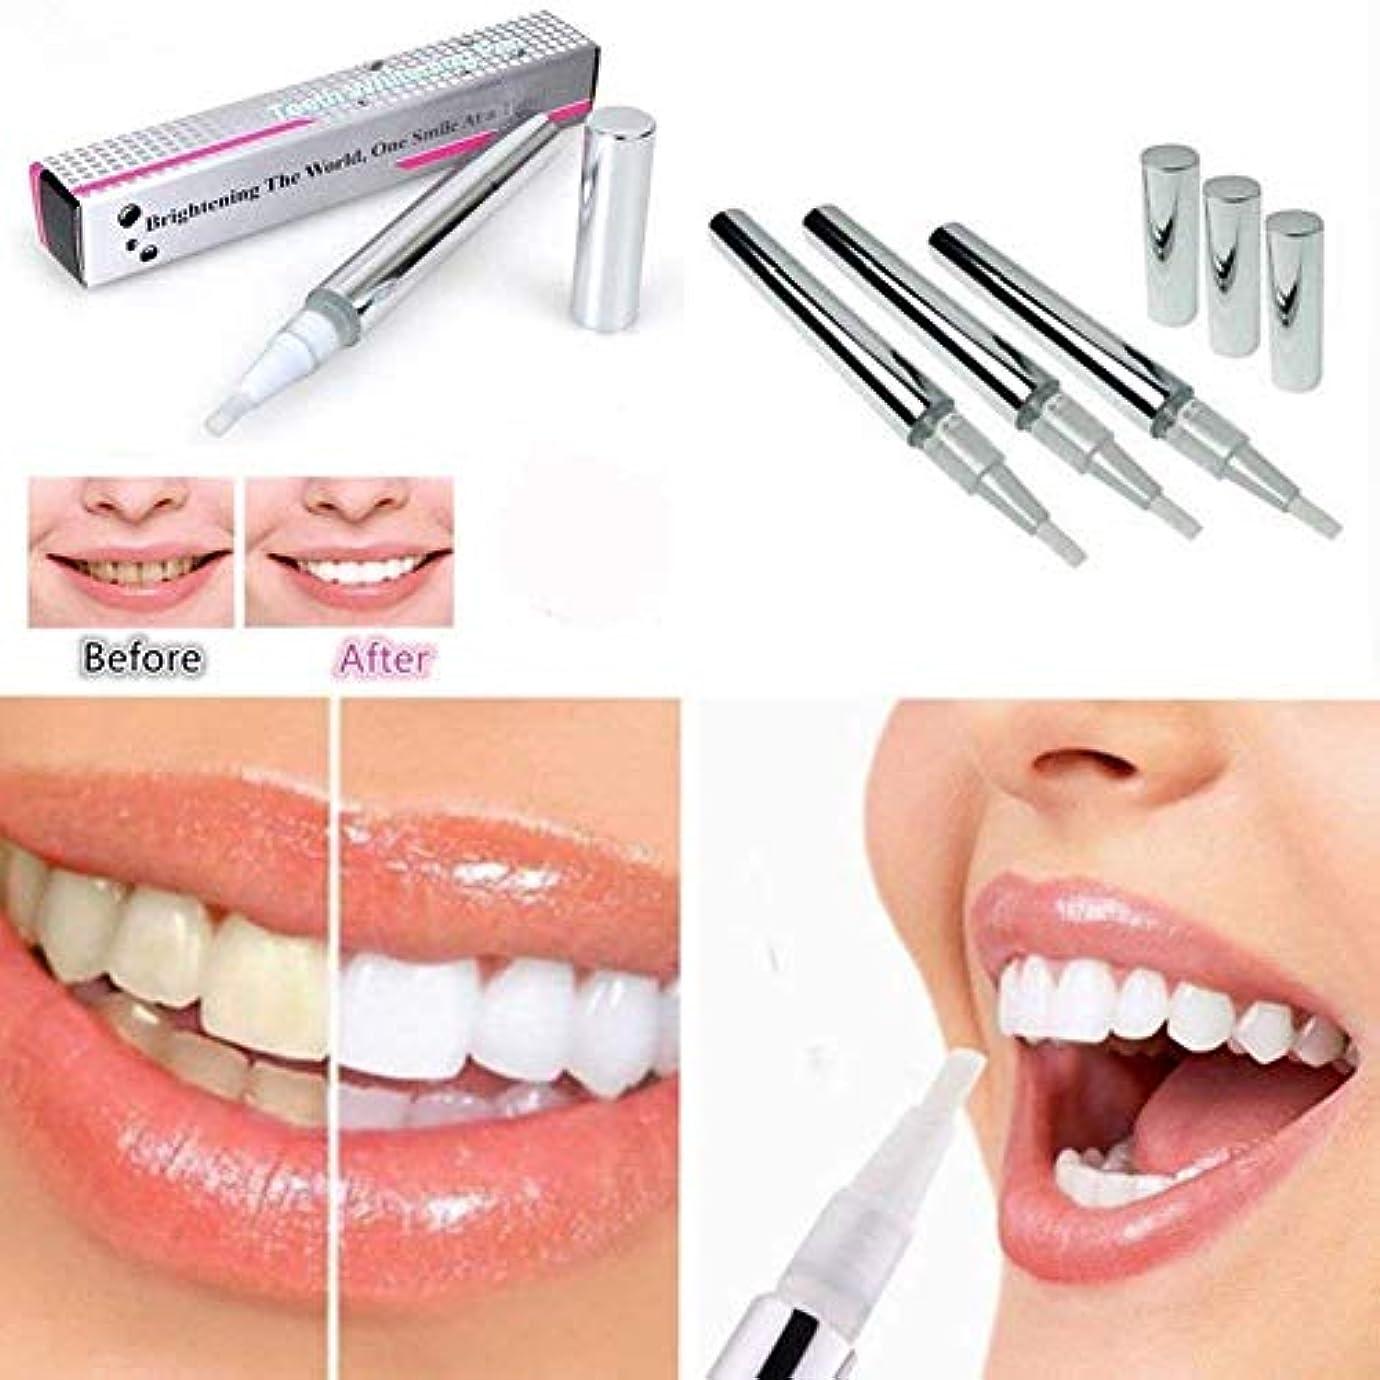 疾患レース未使用VIPITH歯のホワイトニングペン美白歯ゲルホワイトニングペン 歯ブラシ 輝く笑顔 ワイン/喫煙などの汚れを除去する口臭防止 歯周病防止 2本